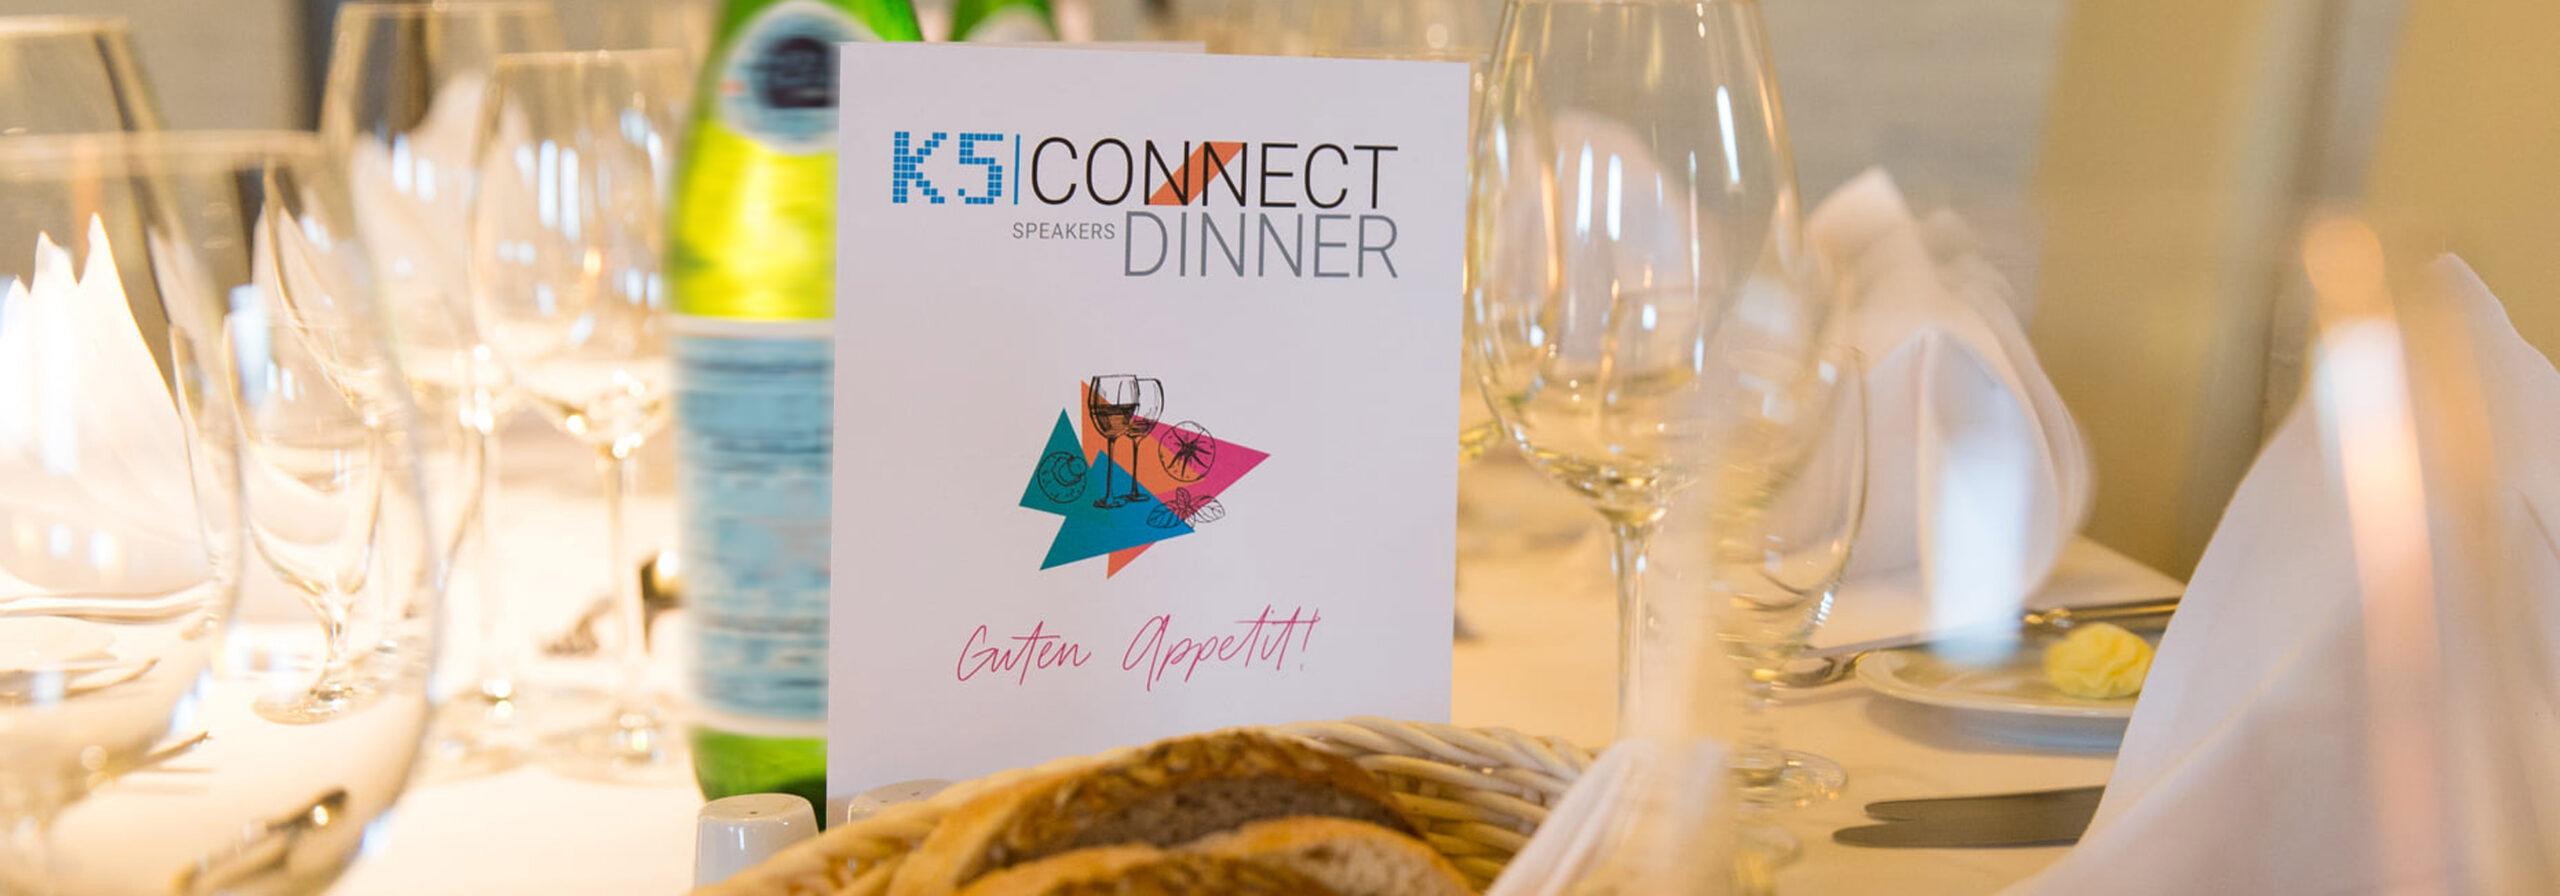 Tisch mit Speisekarte und Geschirr vom Connect Dinner